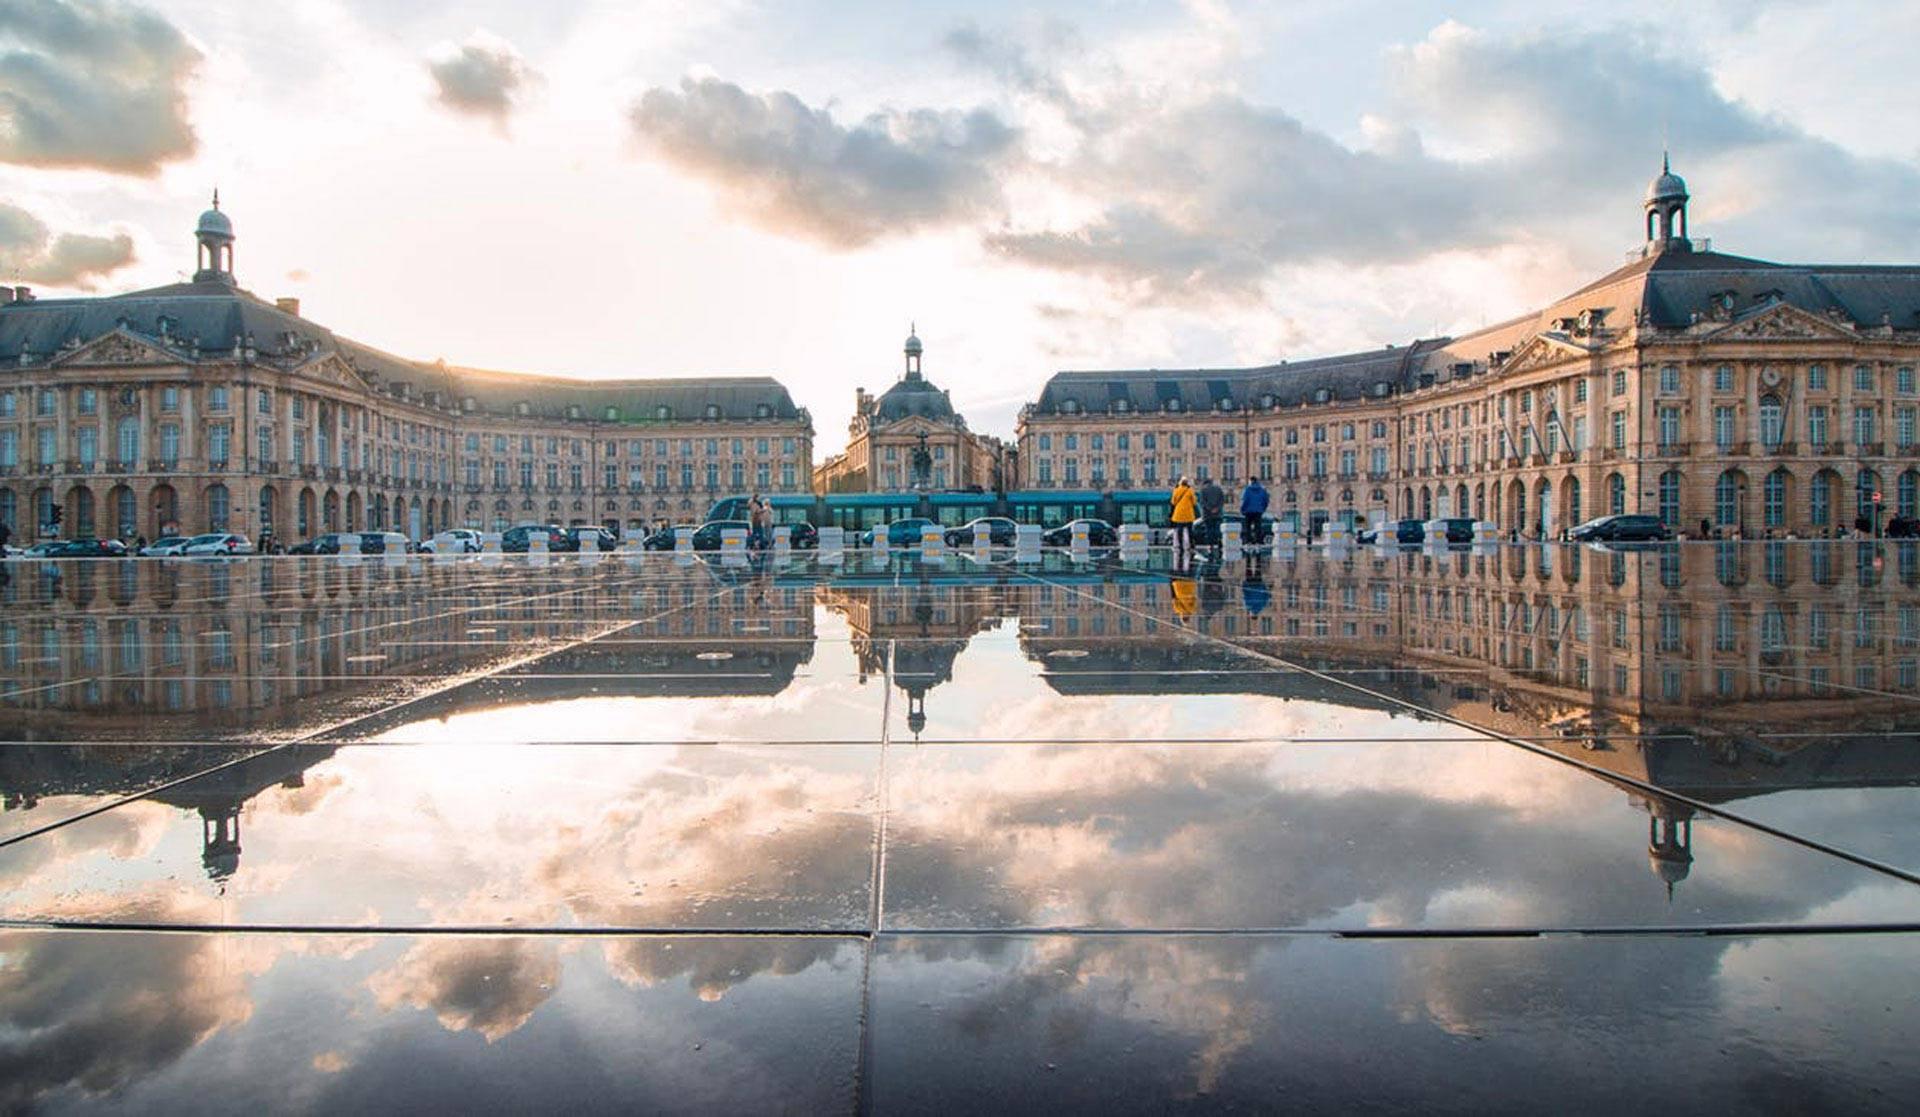 Acaht et vente immobilier à Bordeaux - Alpierre Immobilier